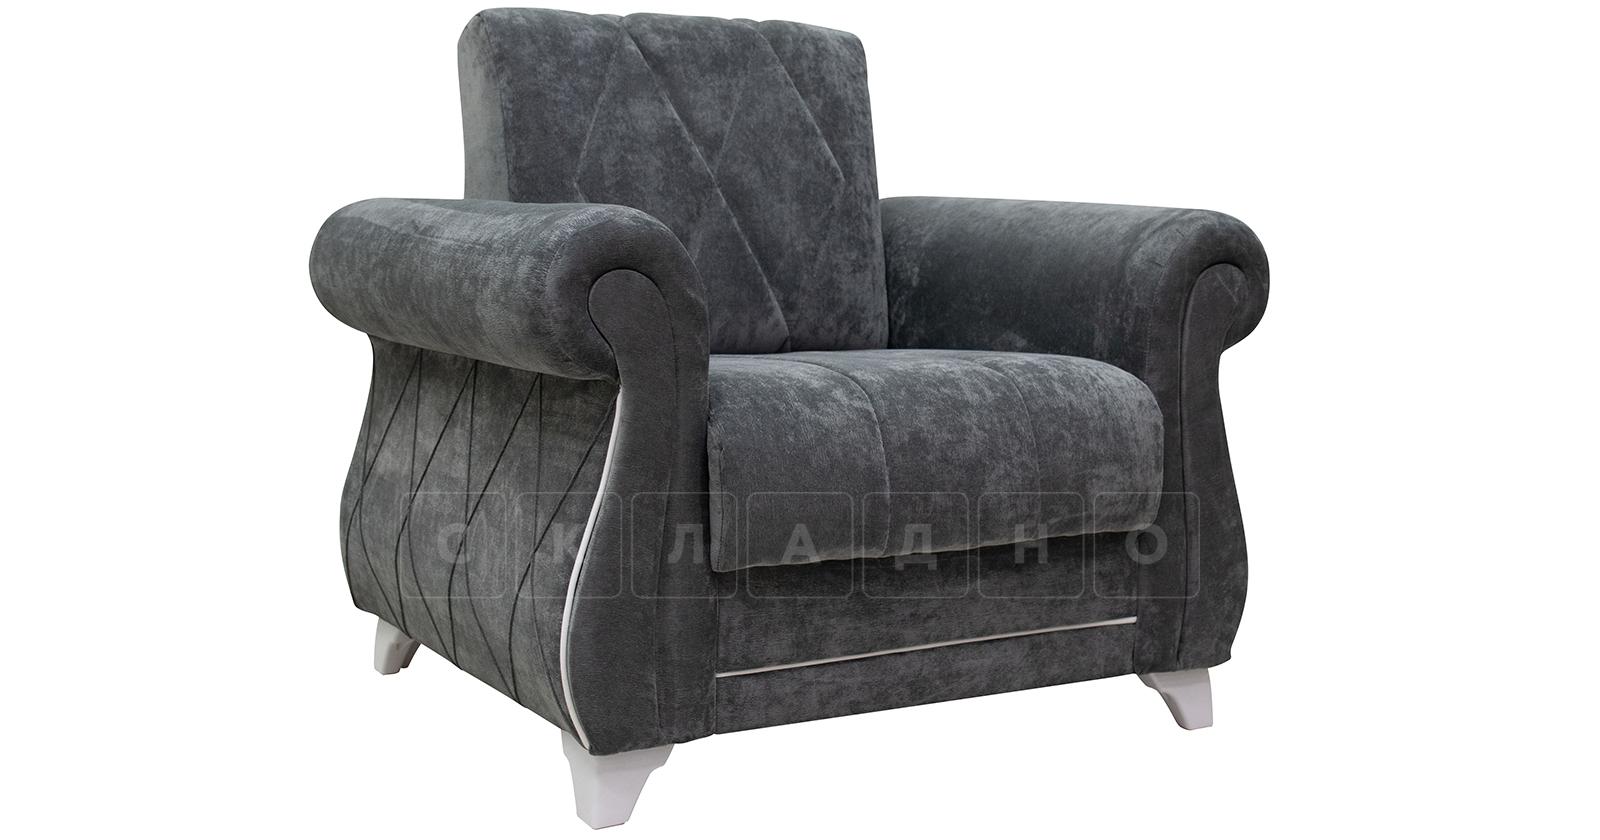 Кресло для отдыха Роза стальной серый фото 1 | интернет-магазин Складно